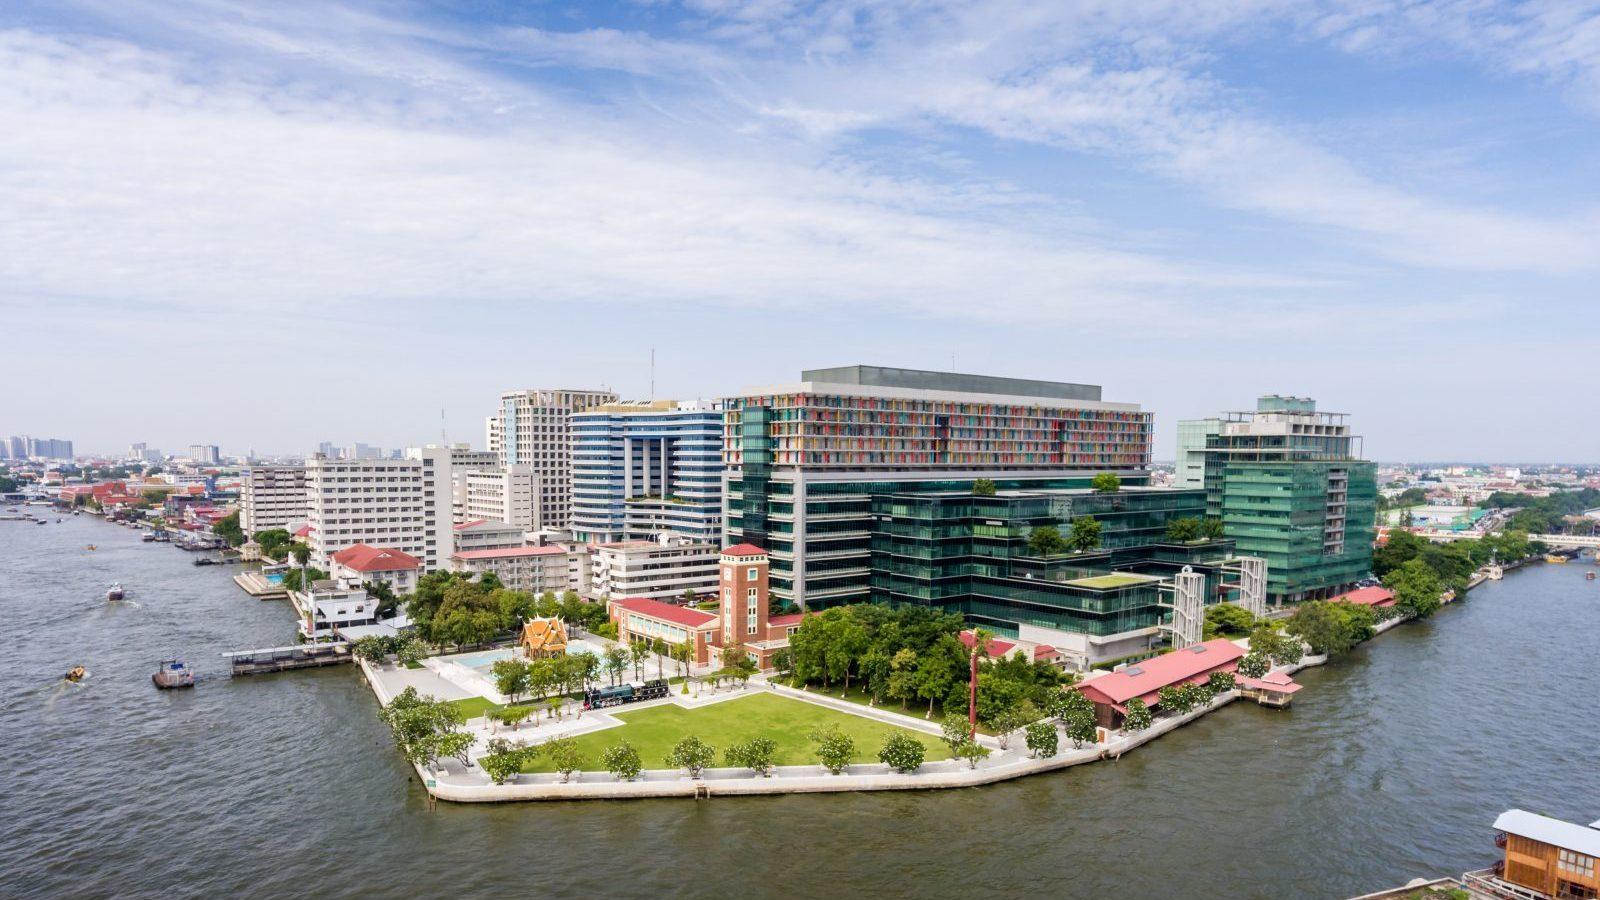 L'hôpital Siriraj de Bangkok ferme les urgences jusqu'à nouvel ordre